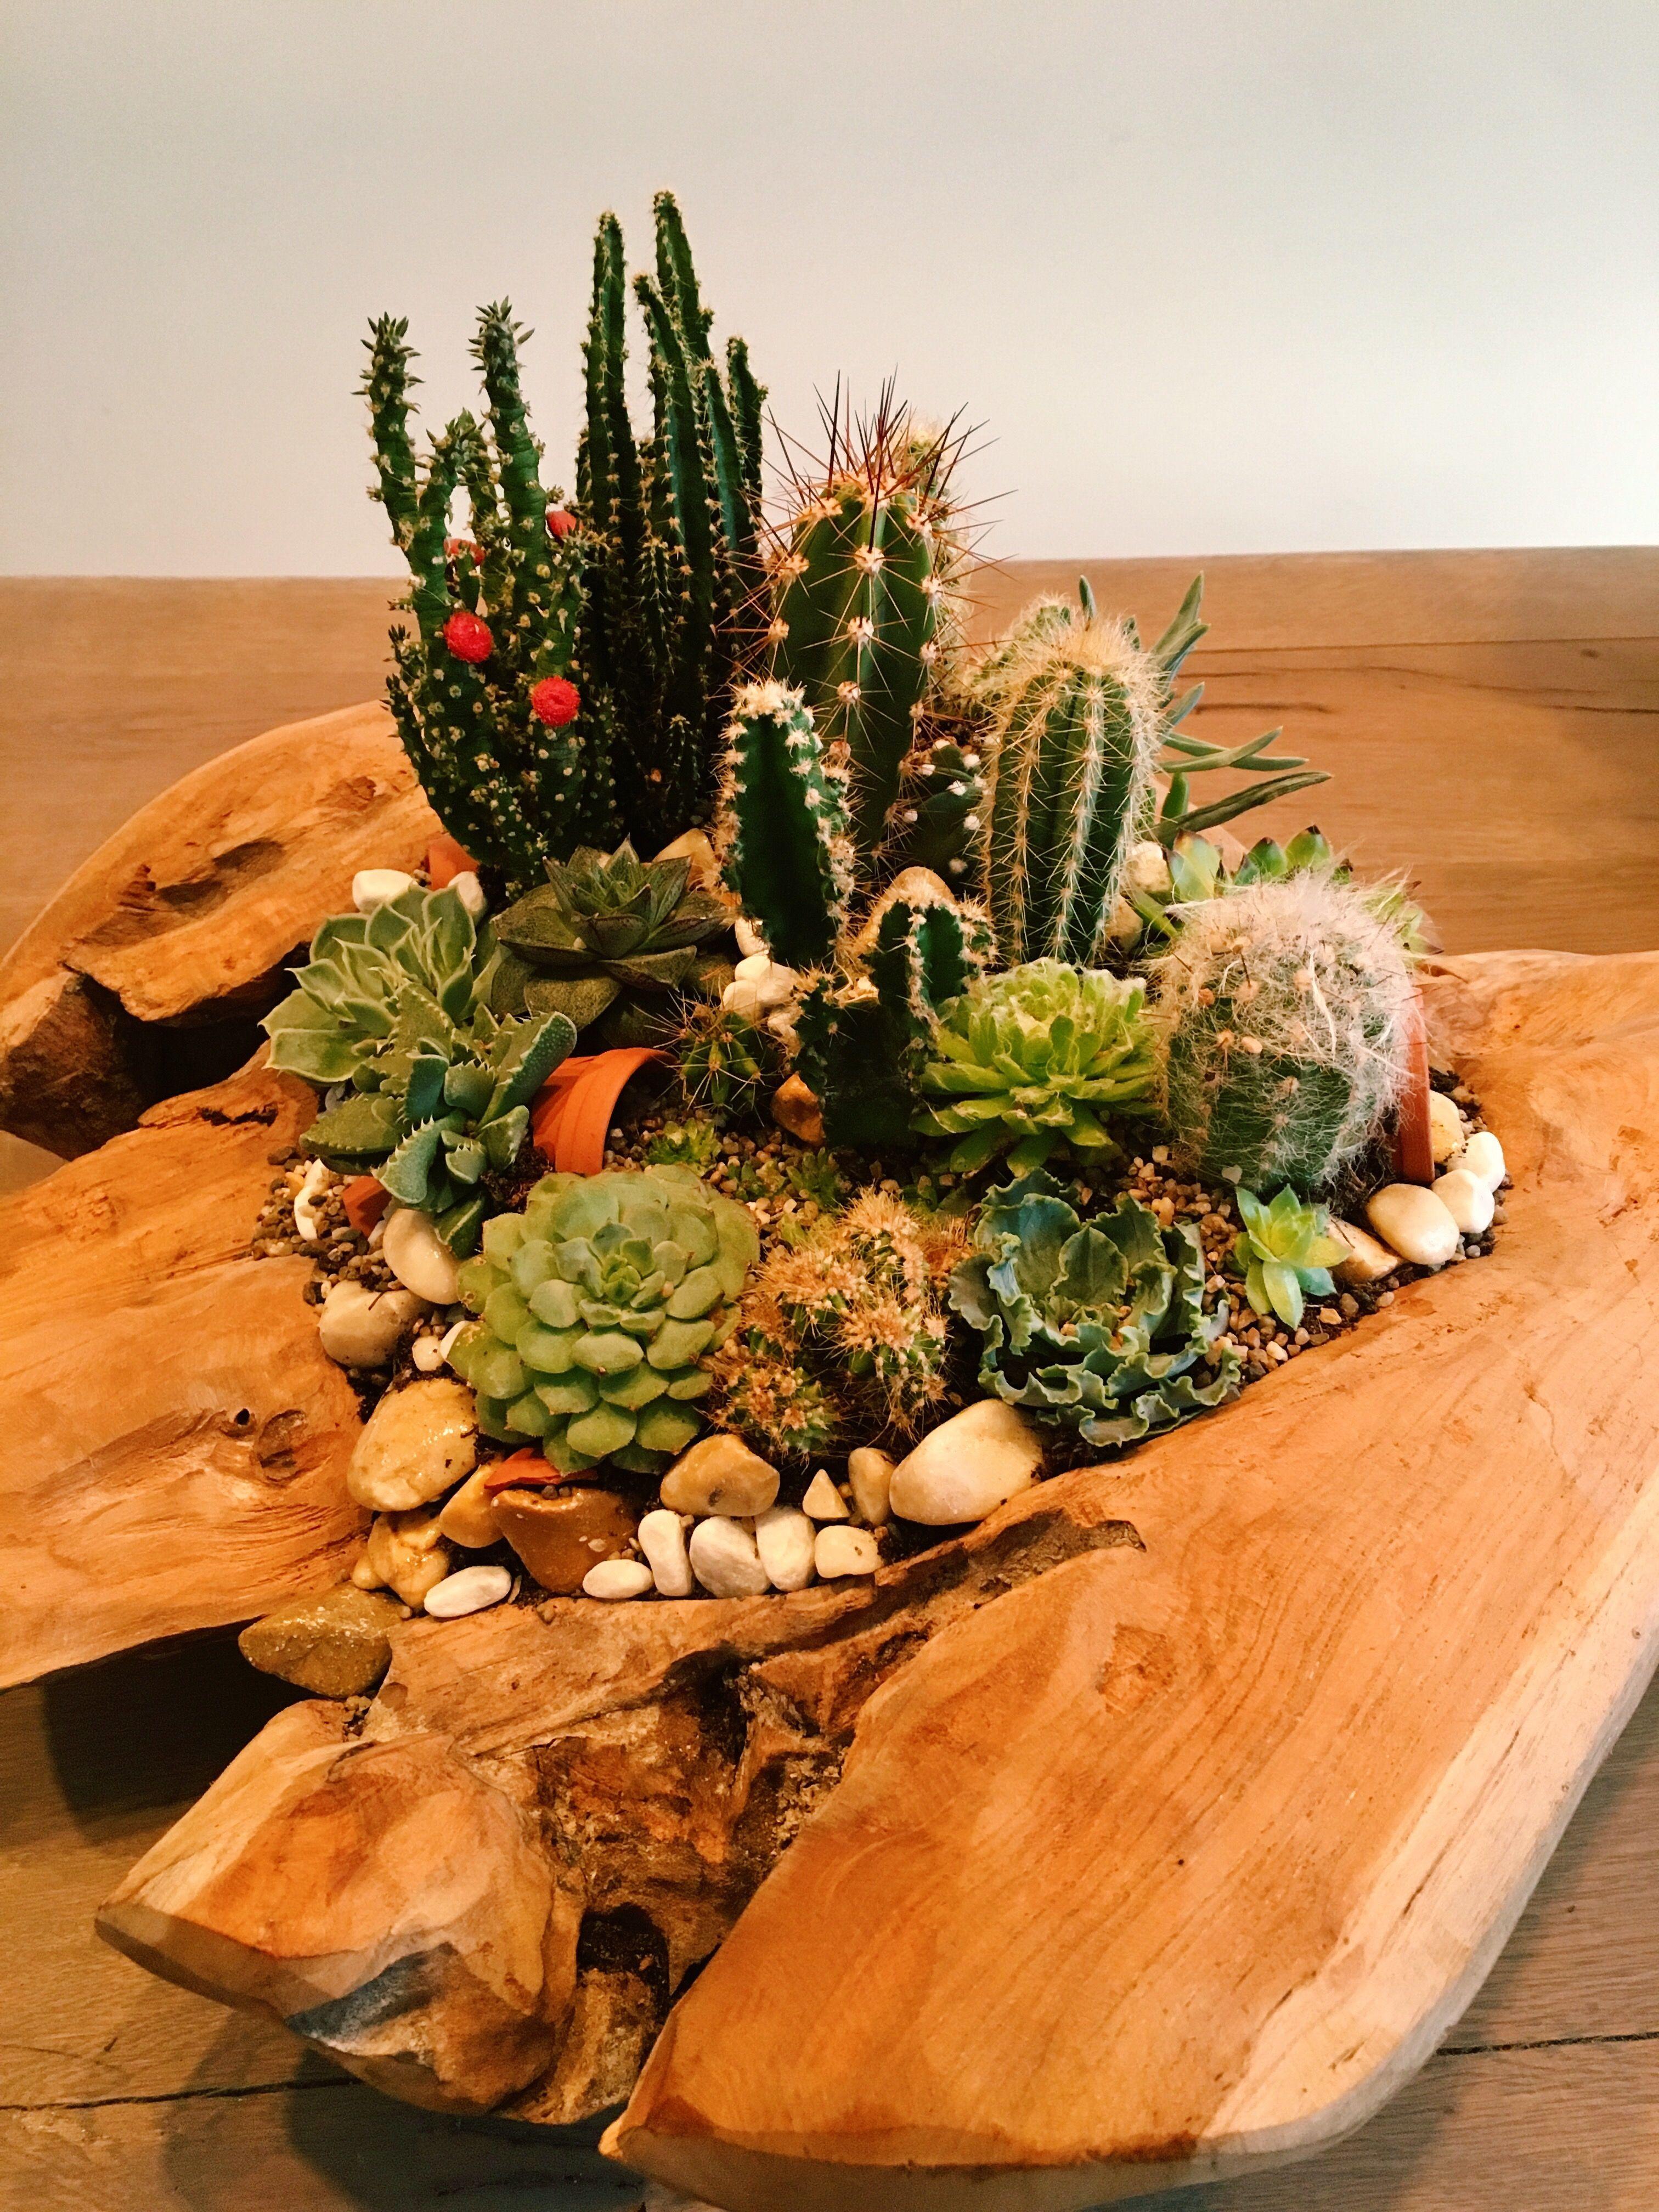 Potgrond Voor Cactussen.Cactus Oasis Prachtige Houten Bak Gevuld Met Succulenten En Cactus